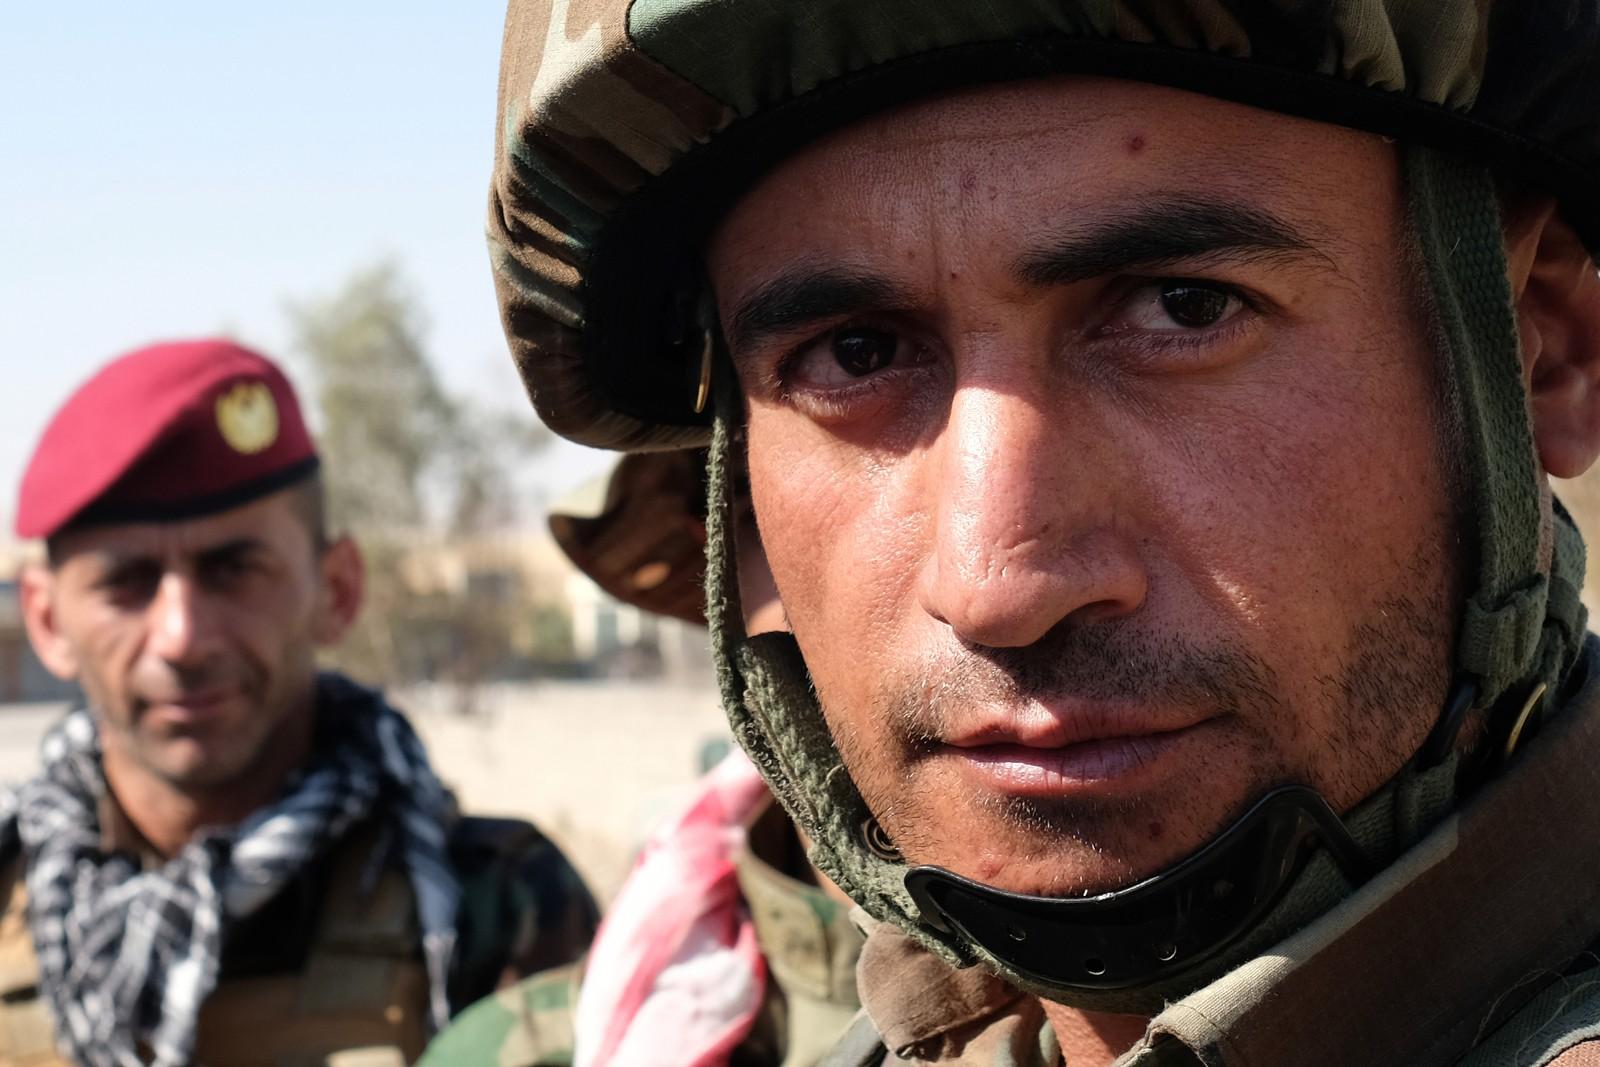 Kaptein Rezgar i peshmergastyrkene ble drevet ut av Kirkuk da irakerne satte i gang sin offensiv mot kurderne. Nå leder han forsvaret av frontlinjen mot irakerne – han sier det var smertefullt for kurderne å miste den viktige oljebyen Kirkuk.